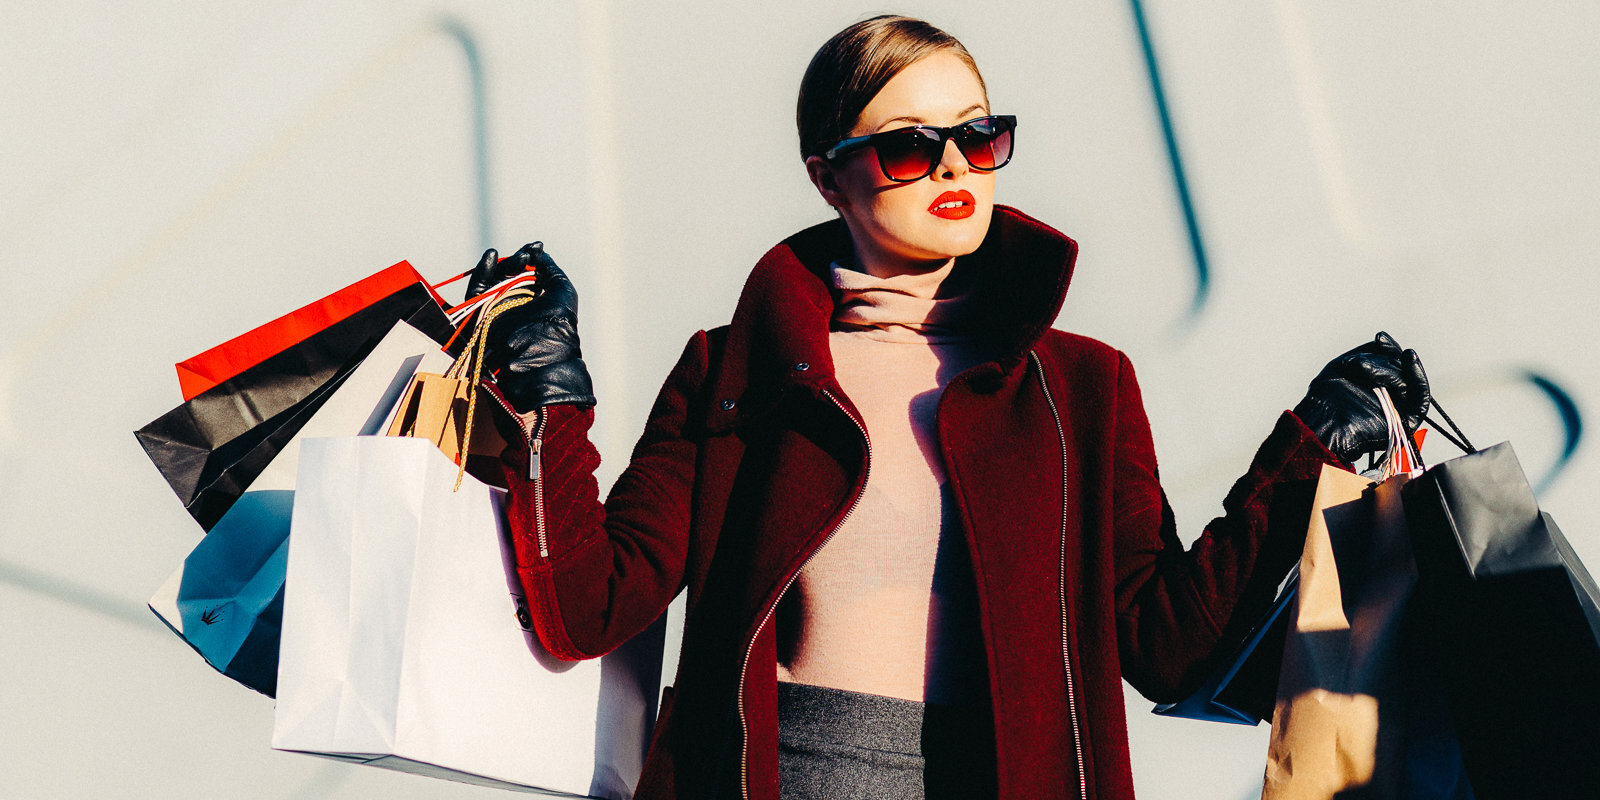 100 eiro par 'Louis Vuitton' vai 'Chanel' viltojumu. Kāpēc esam gatavi par tiem maksāt